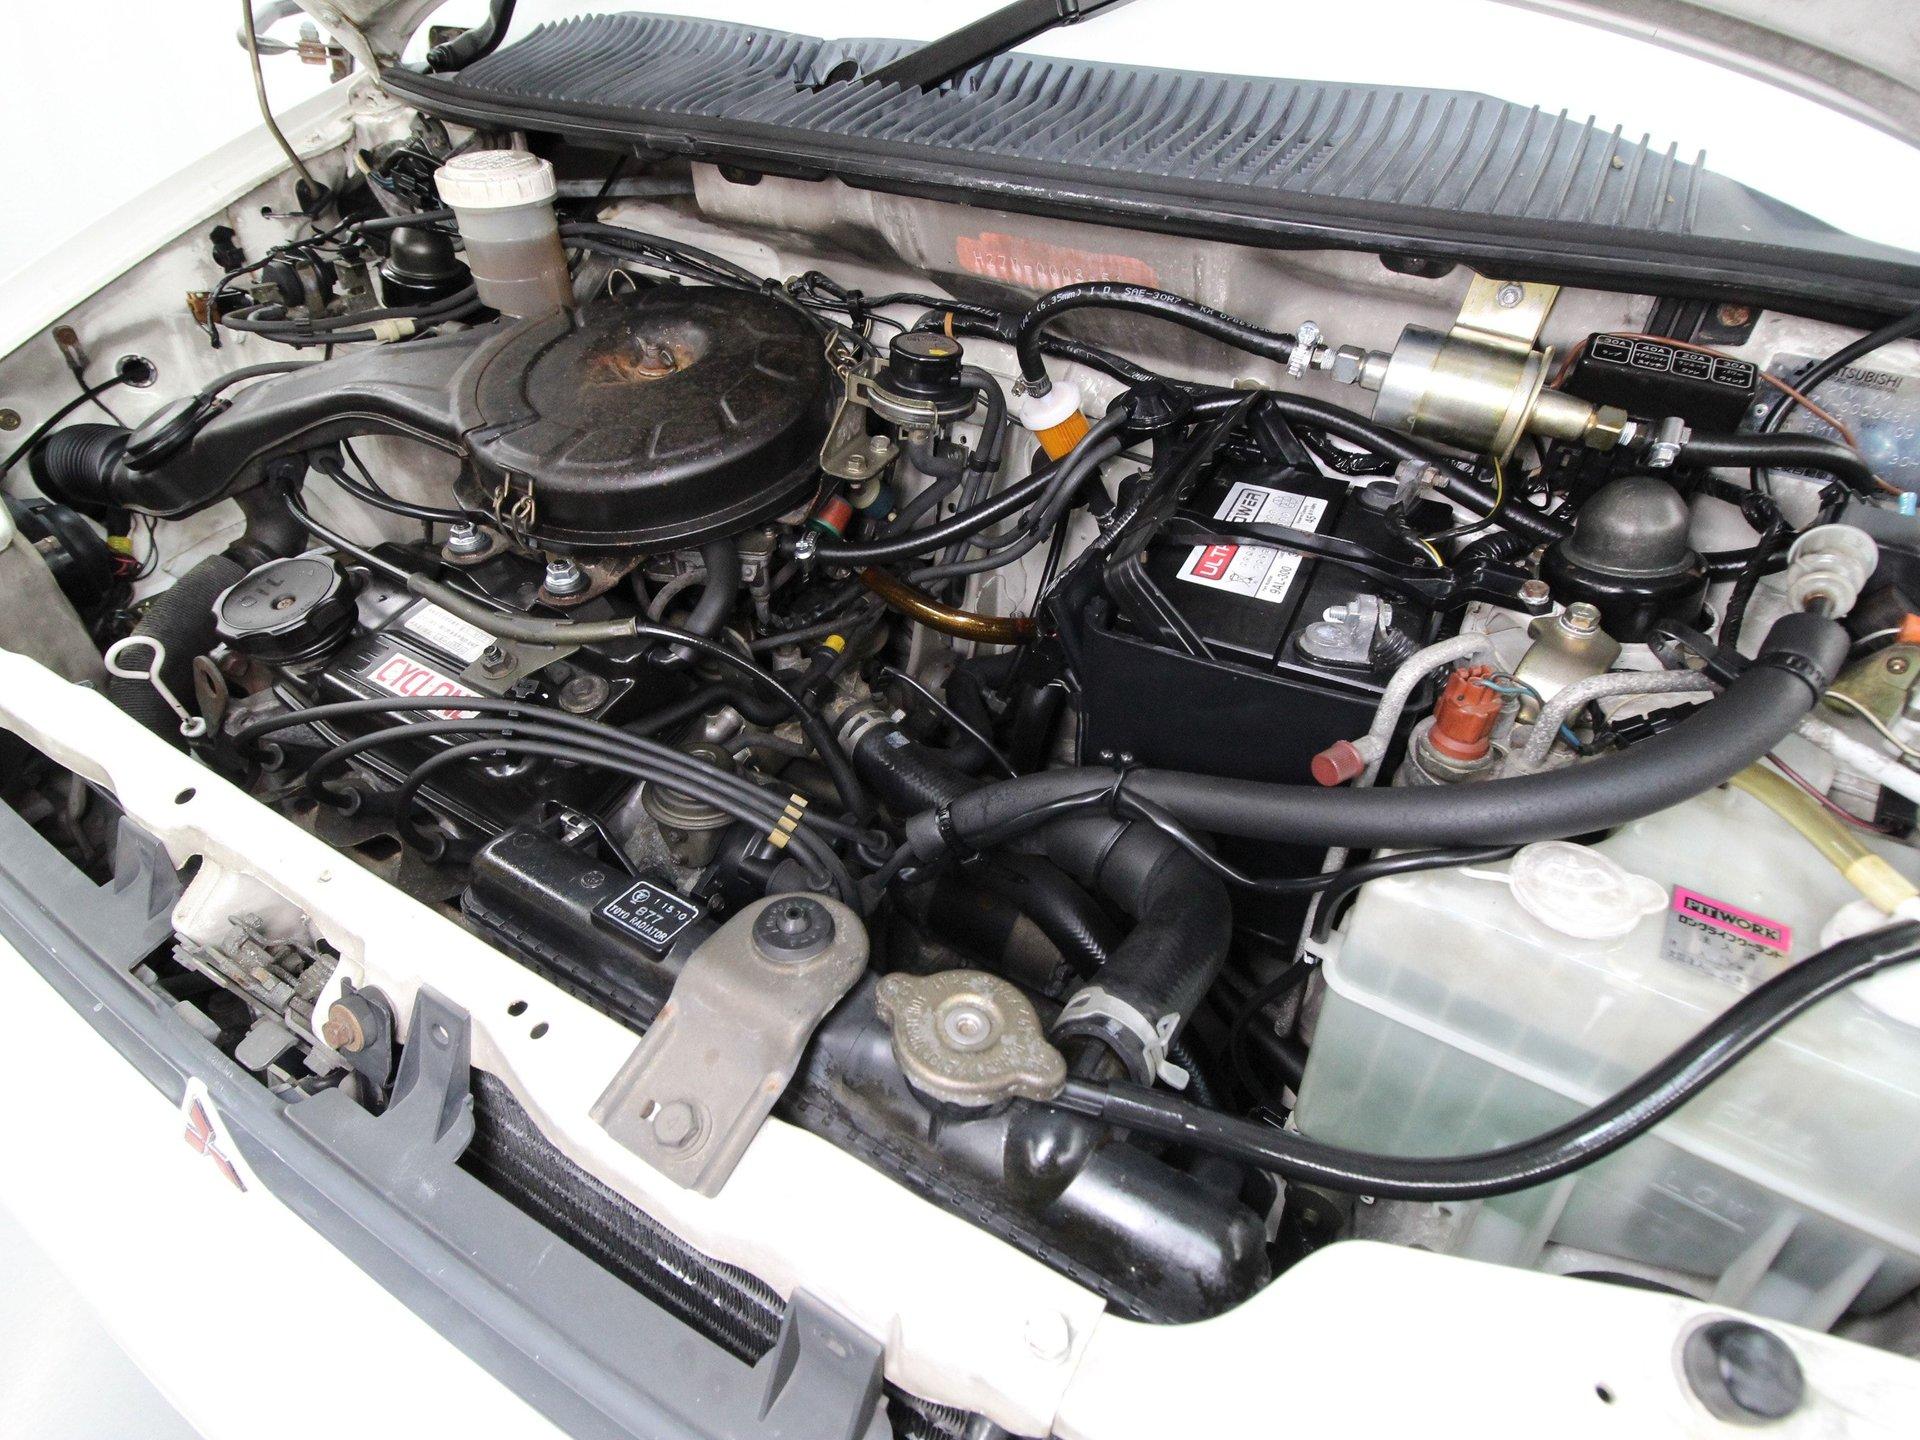 1990 Mitsubishi Minica